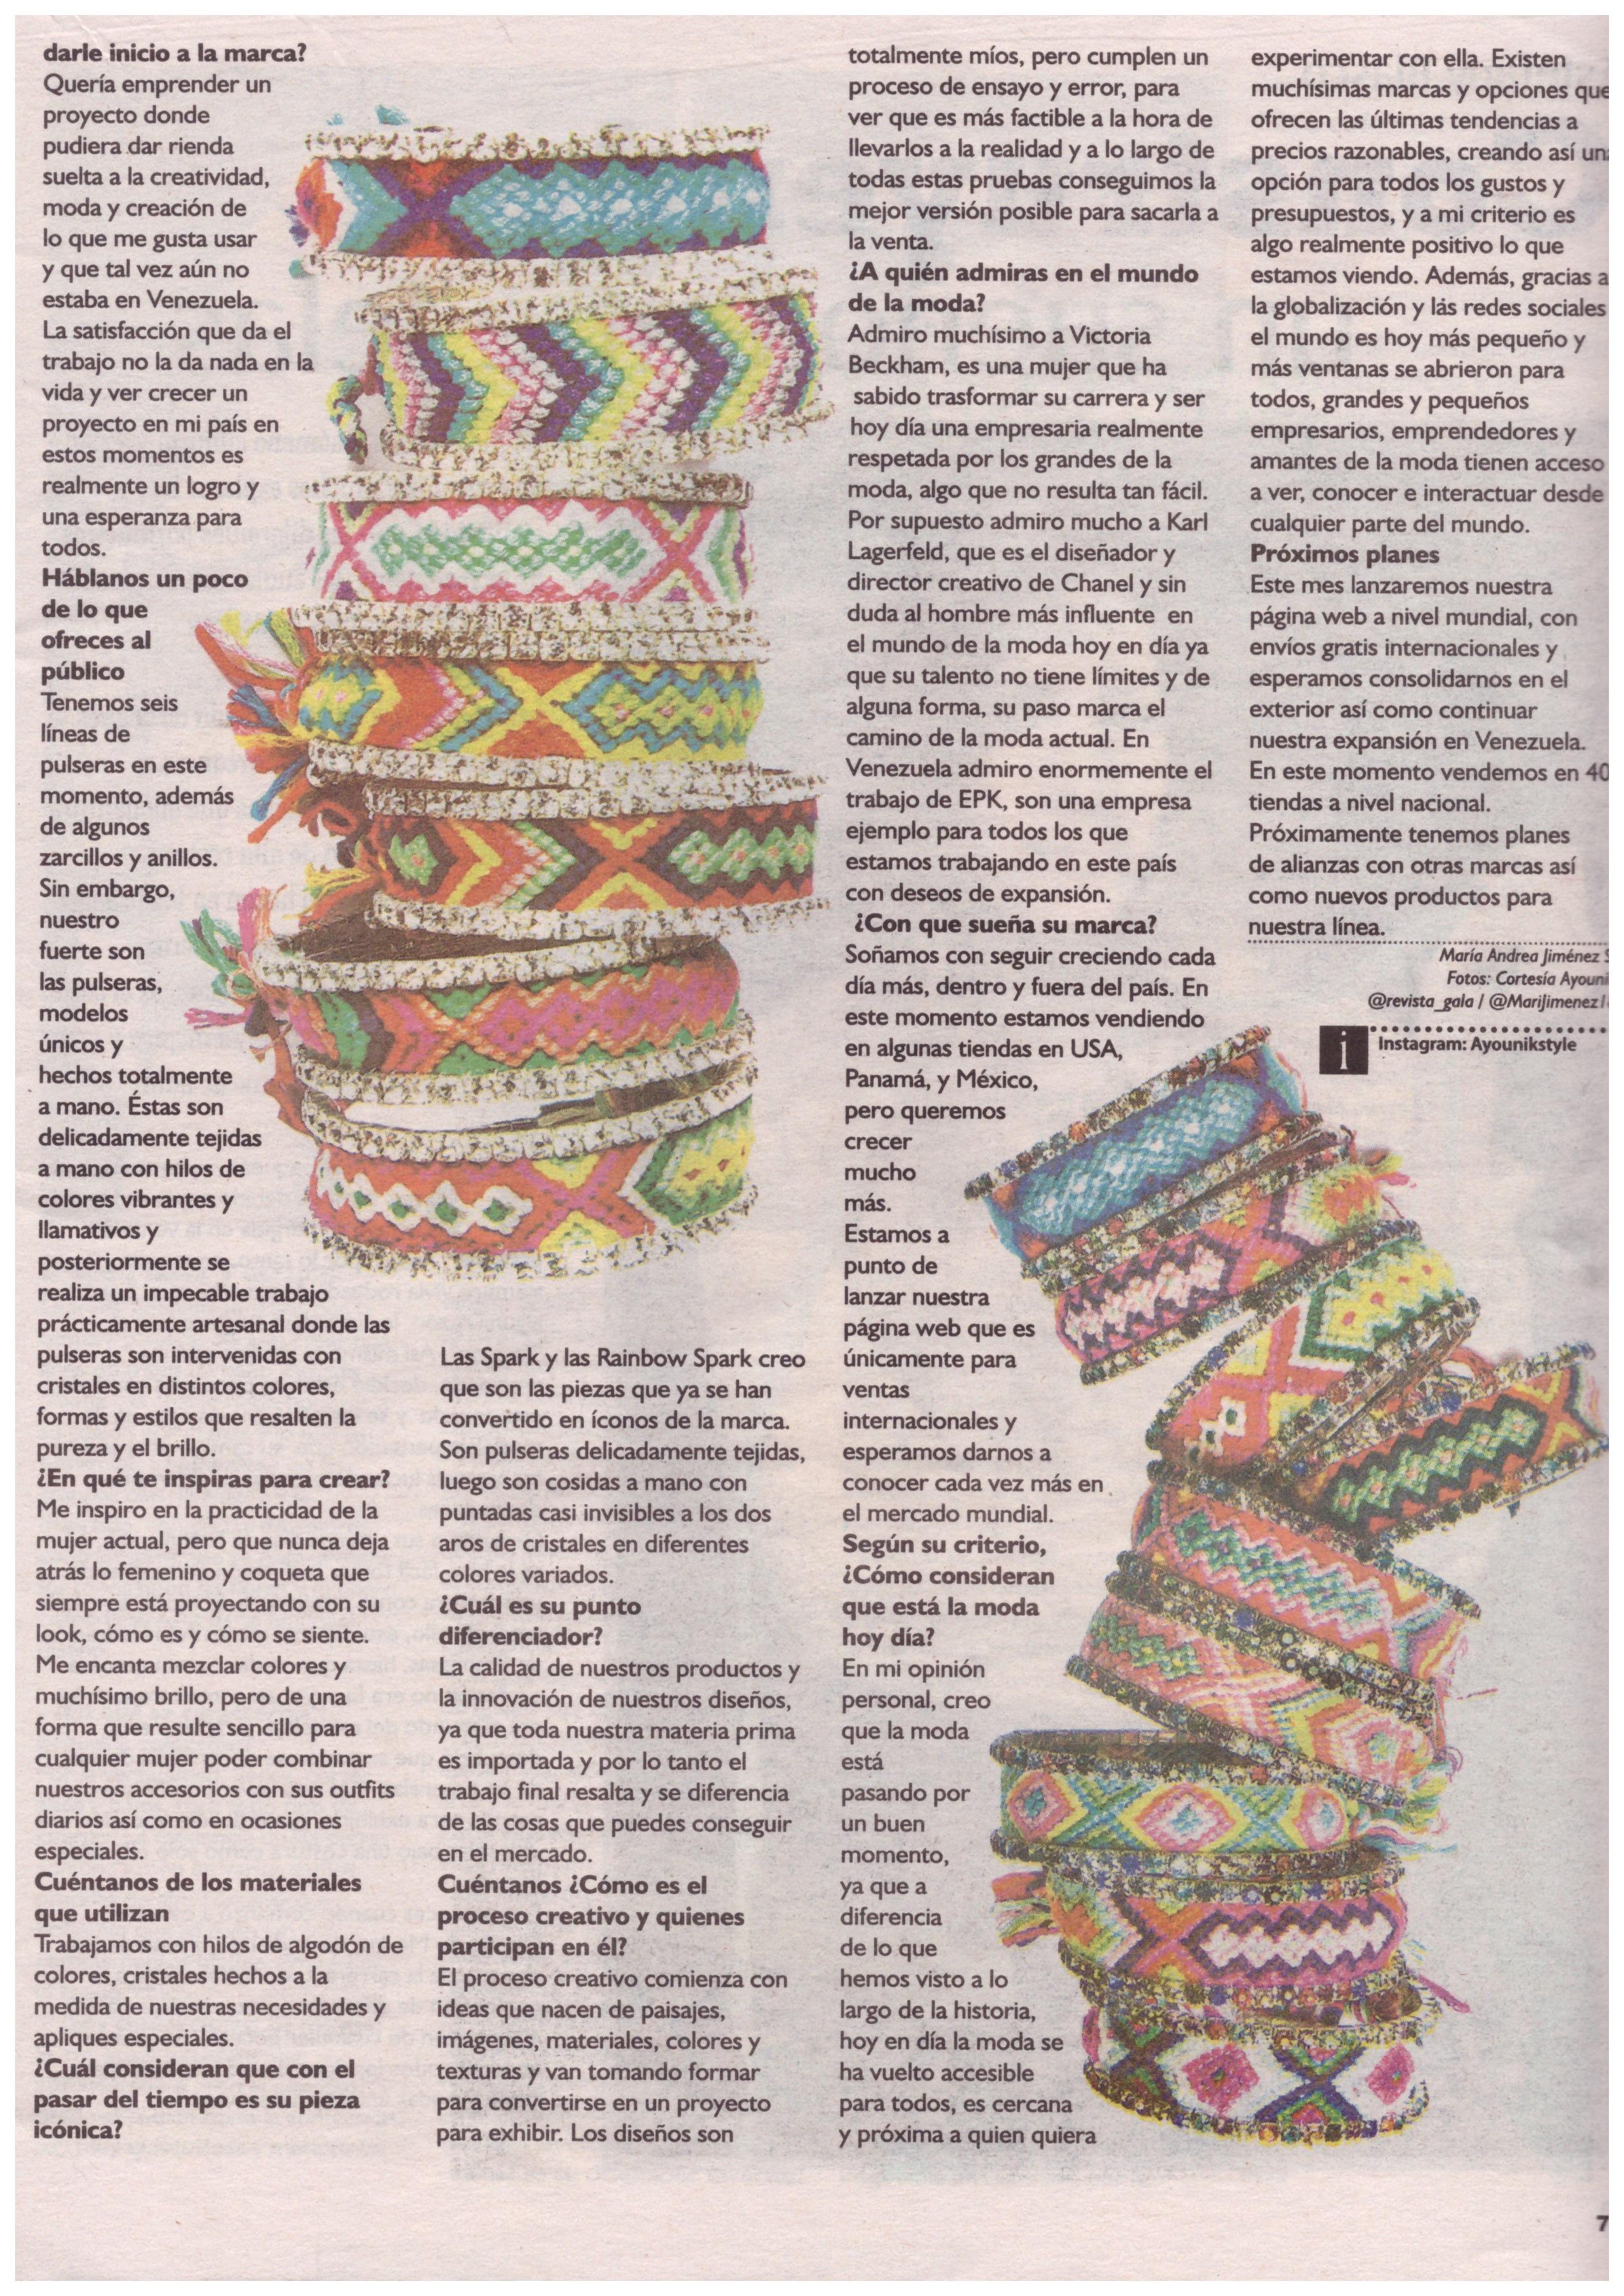 """""""El Impulso"""" 2 newspaper. July 2015. Venezuela"""